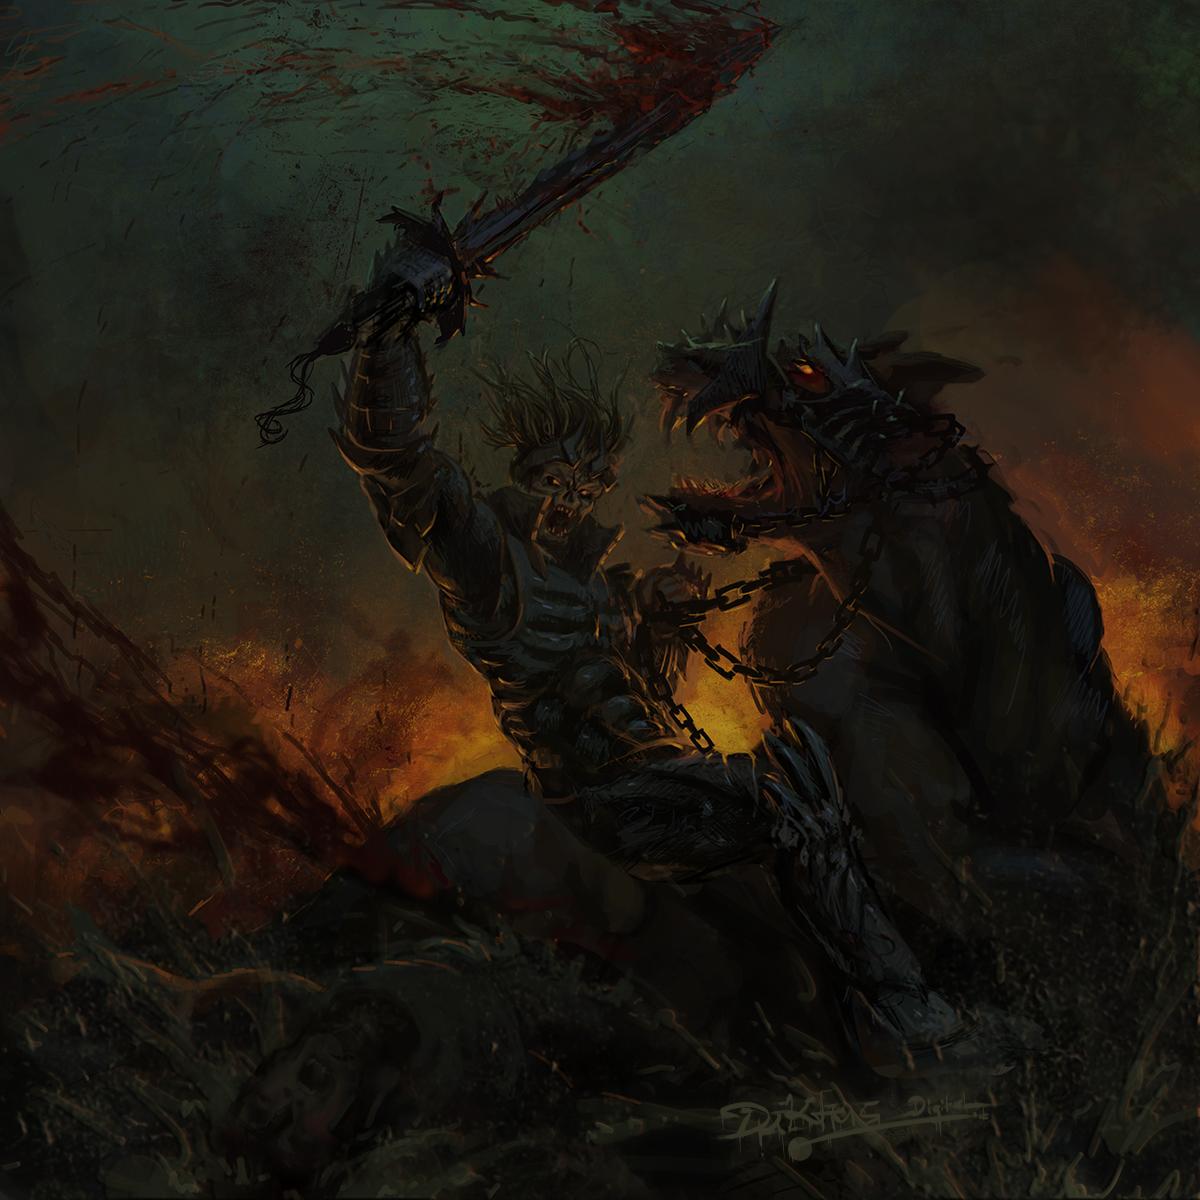 Deathknight